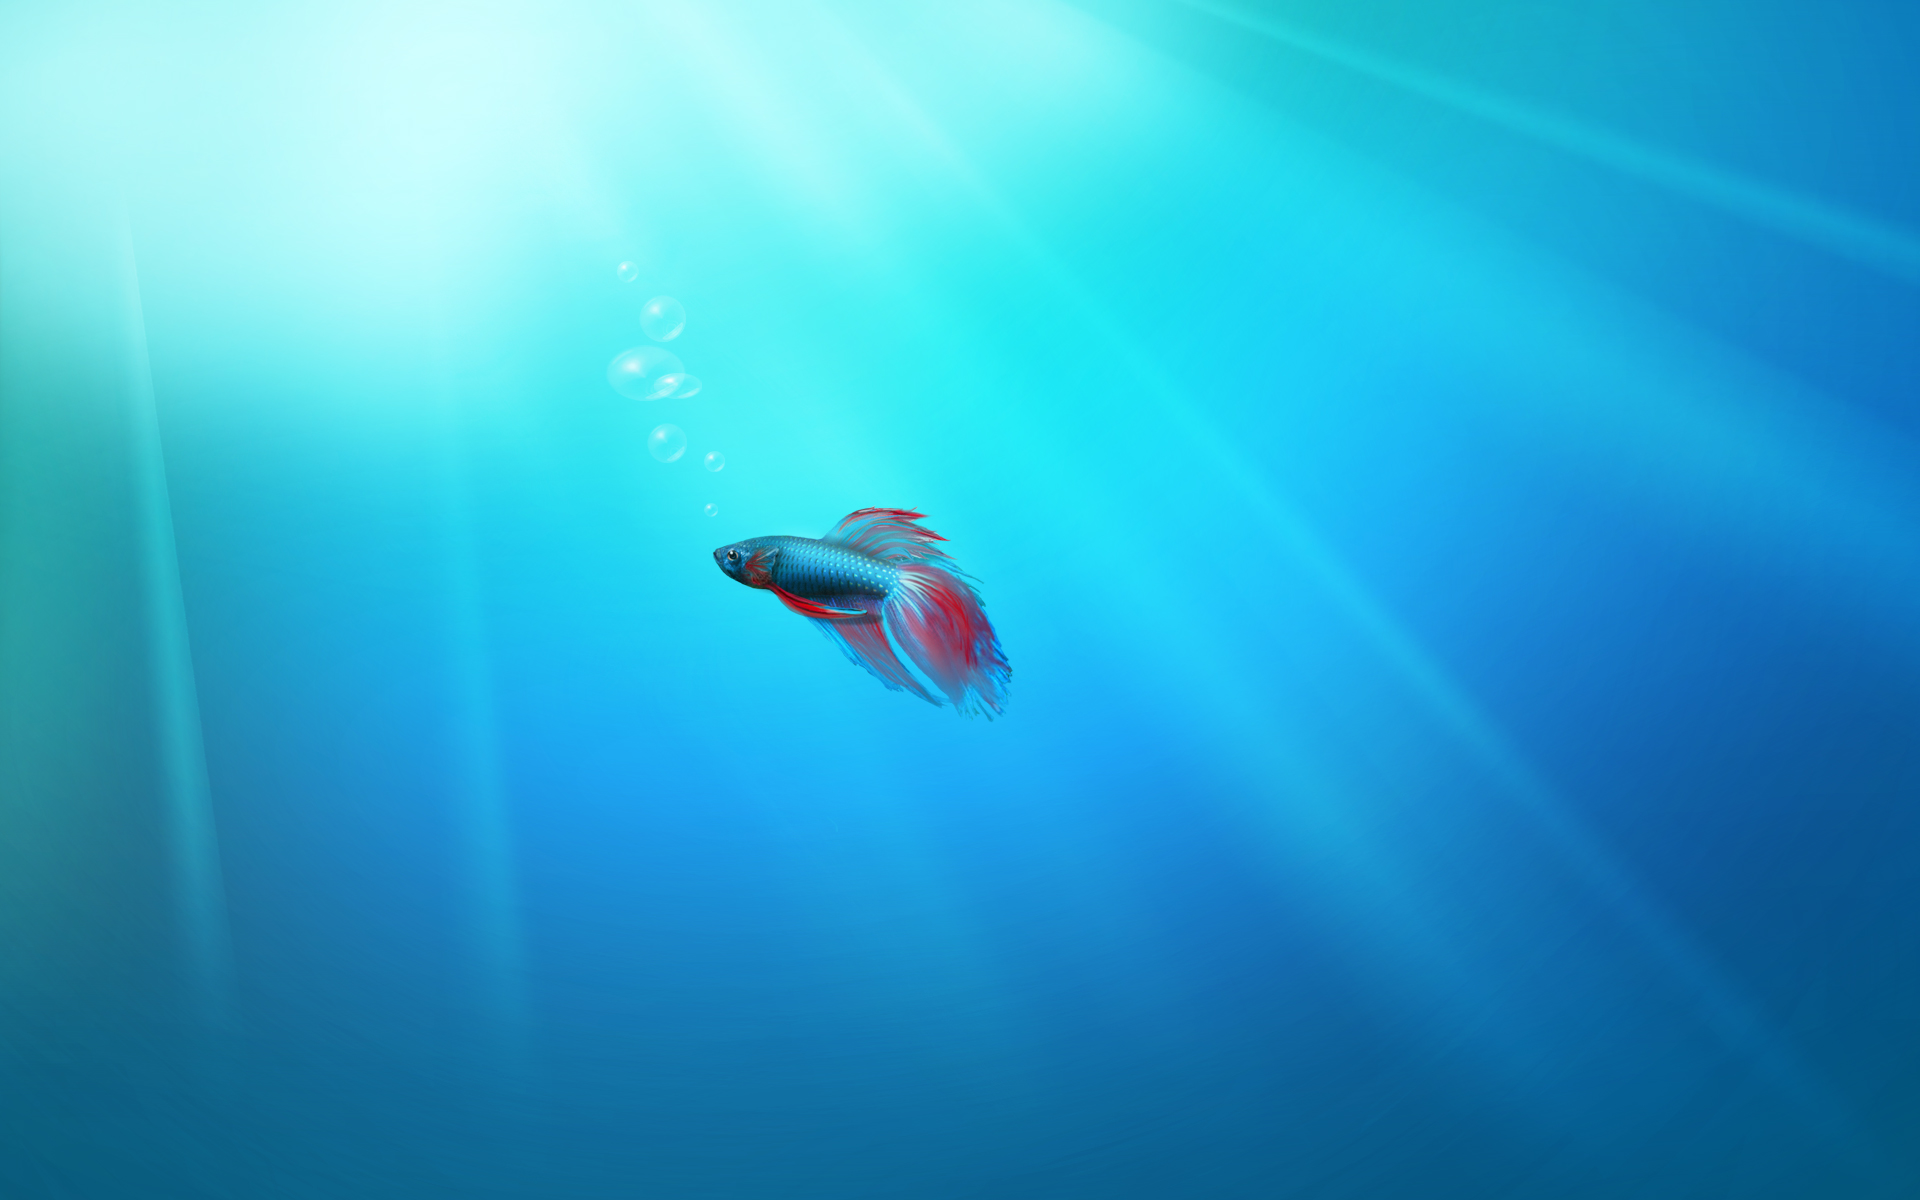 Windows 7 Fish Wallpaper 1920x1200